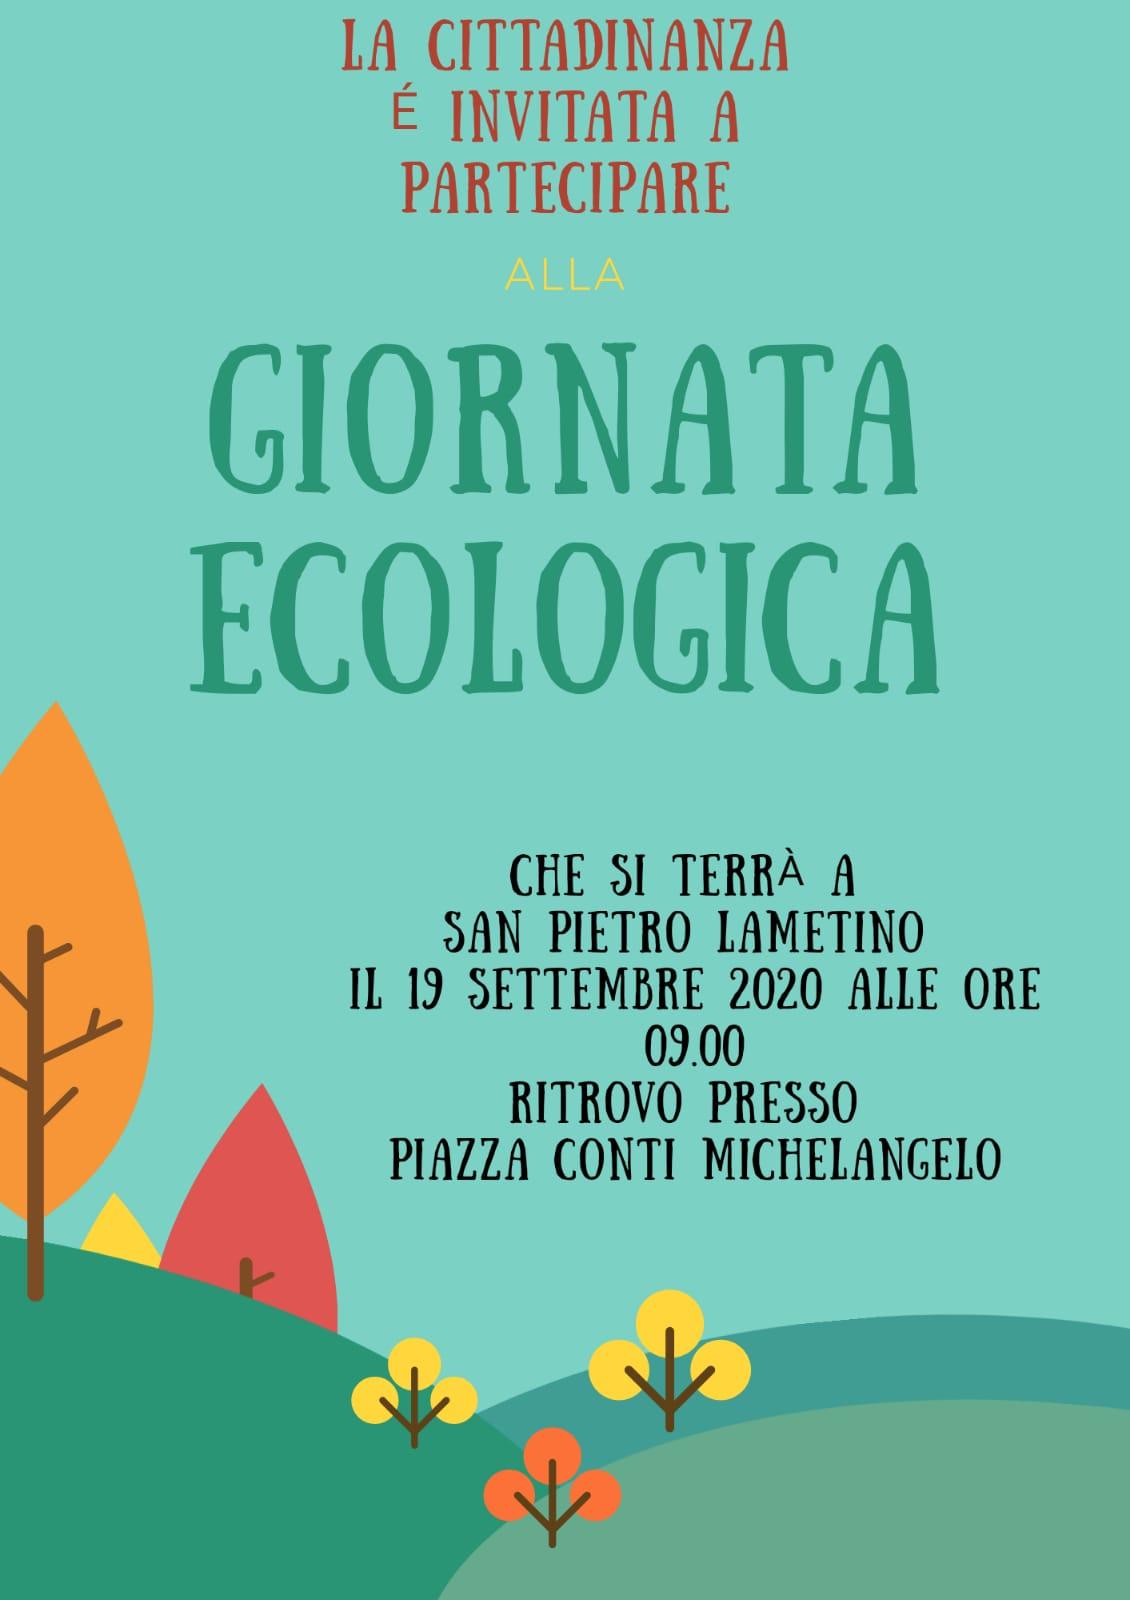 giornata-ecologica-a-san-pietro-lametino-locandina